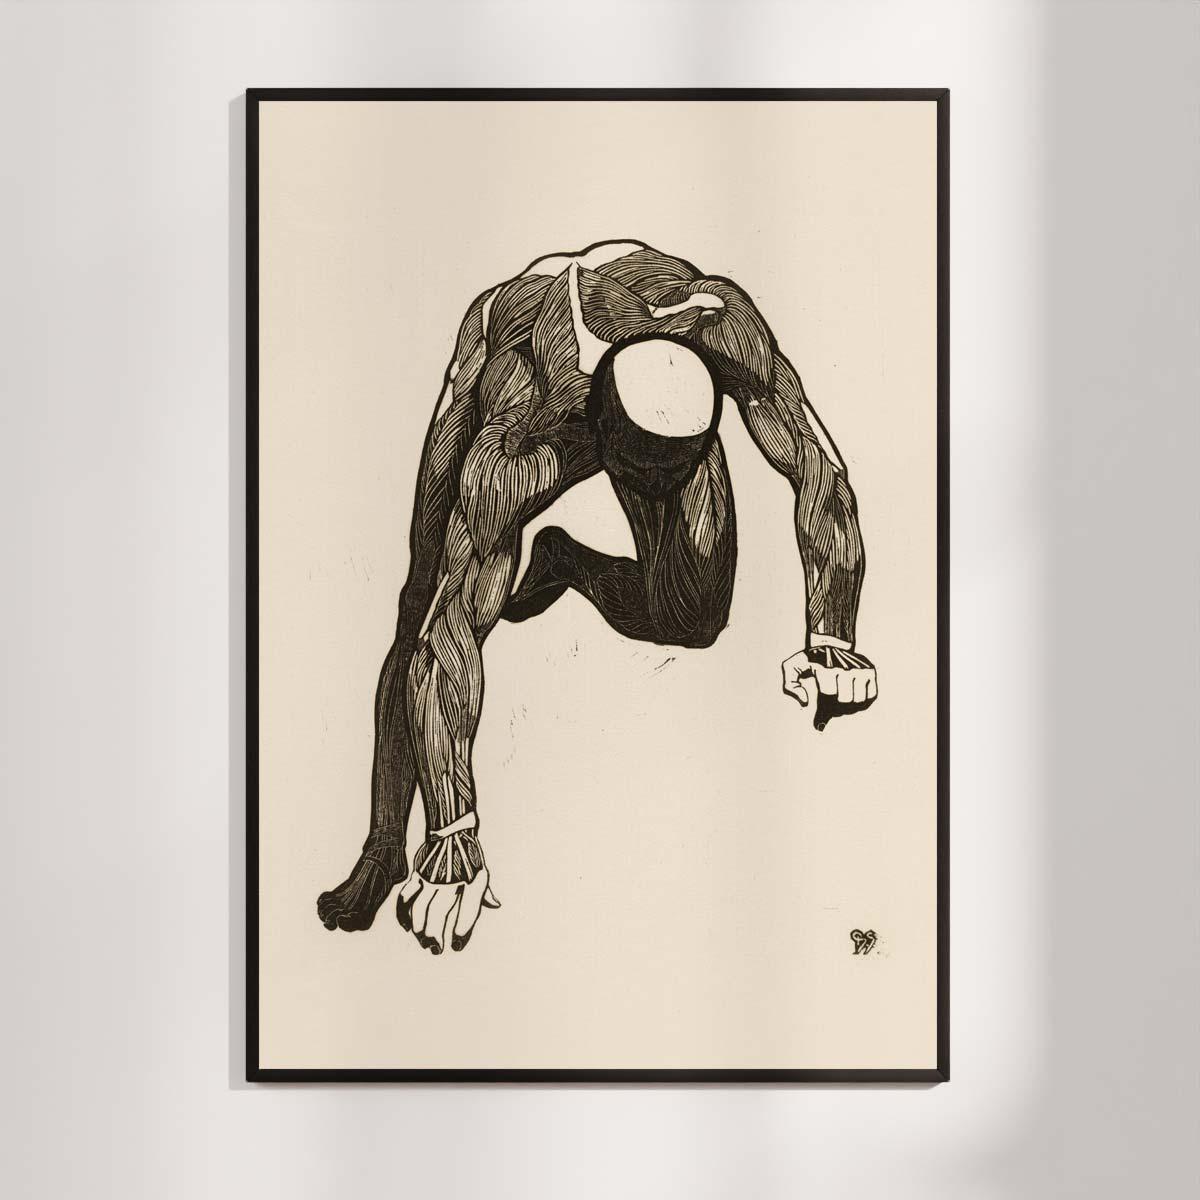 Plakat - Anatomisk træsnit - Studie af en mands arm og rygmuskler